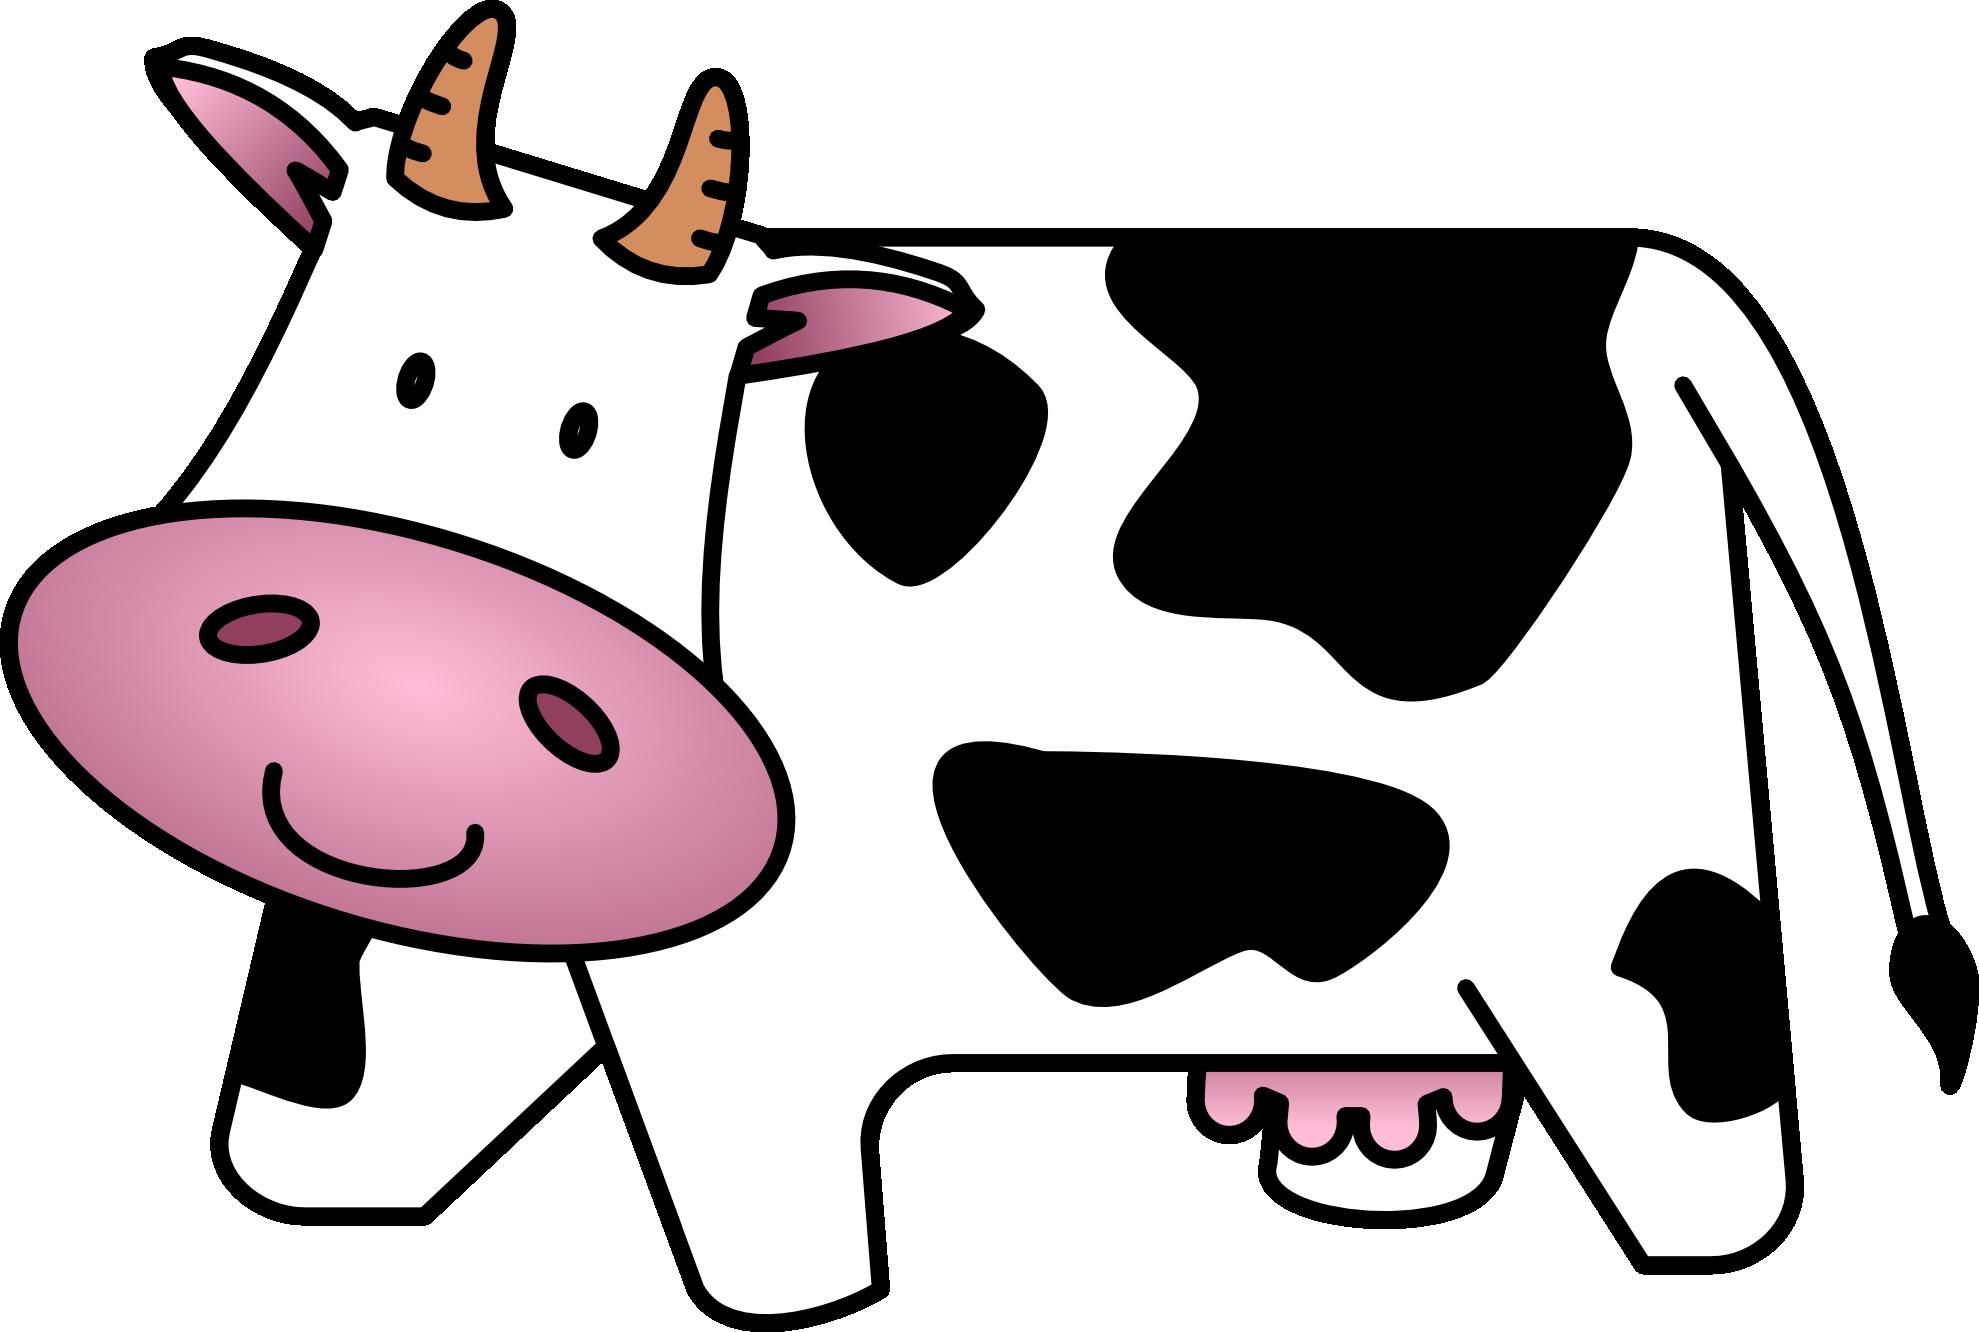 Farm clipart preschool. Chiropractic opportunity week free